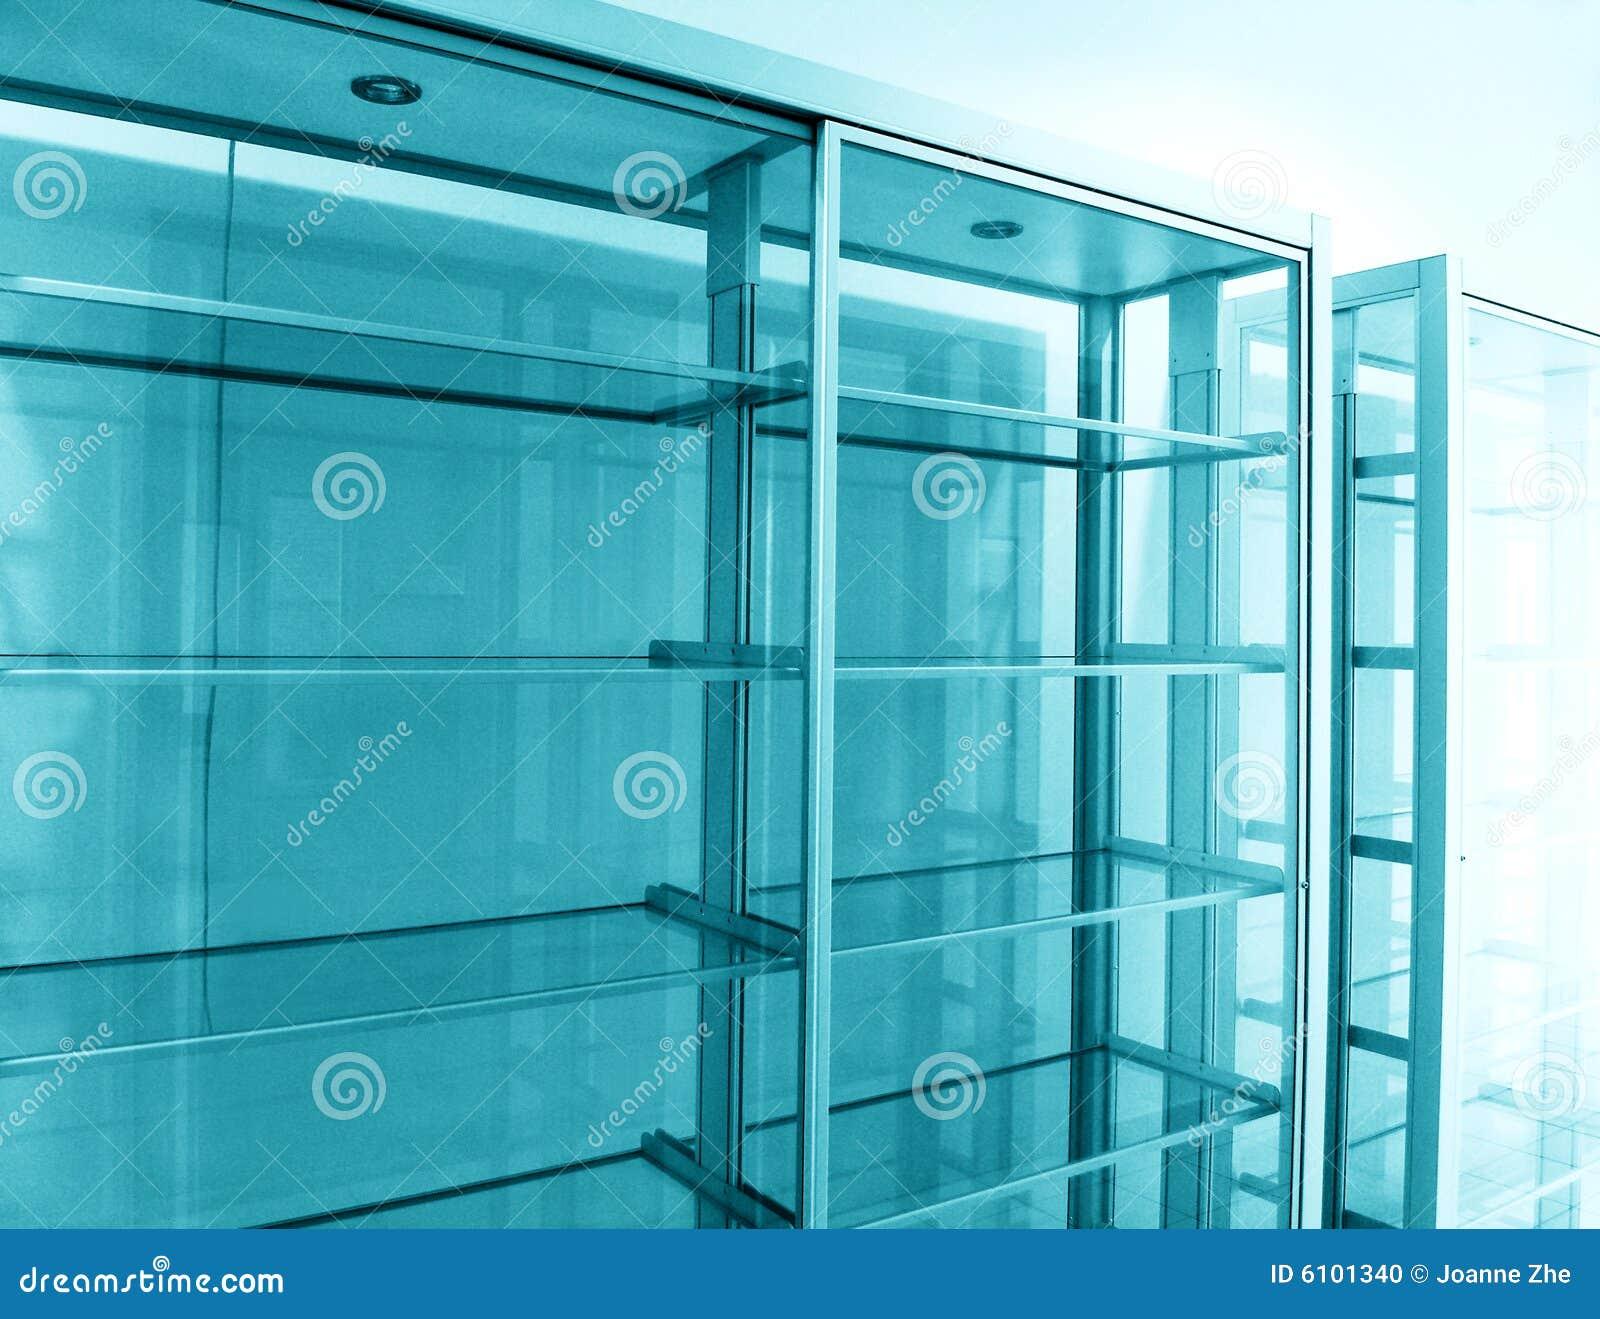 glasregale leer stockfoto bild 6101340. Black Bedroom Furniture Sets. Home Design Ideas